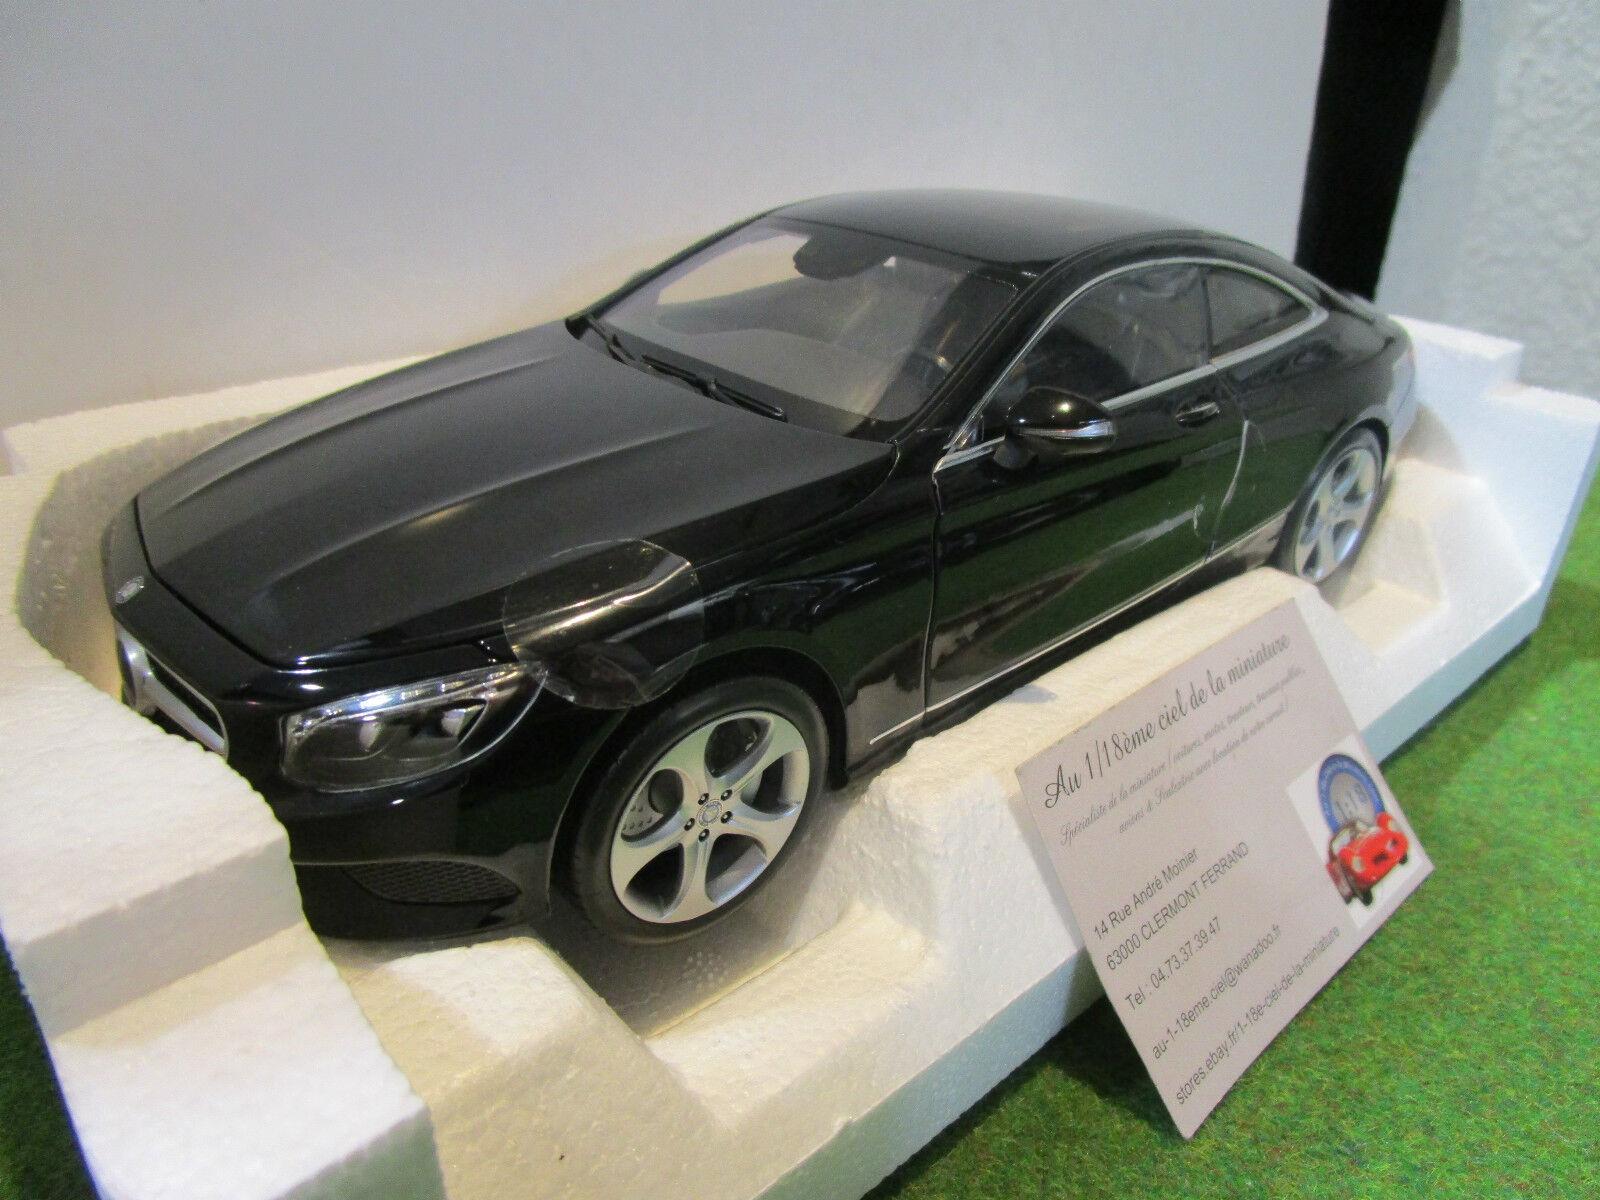 MERCEDES S-CLASS coupé 2014 noire 1 18 NOREV 183482  voiture miniature collection  avec le prix bon marché pour obtenir la meilleure marque